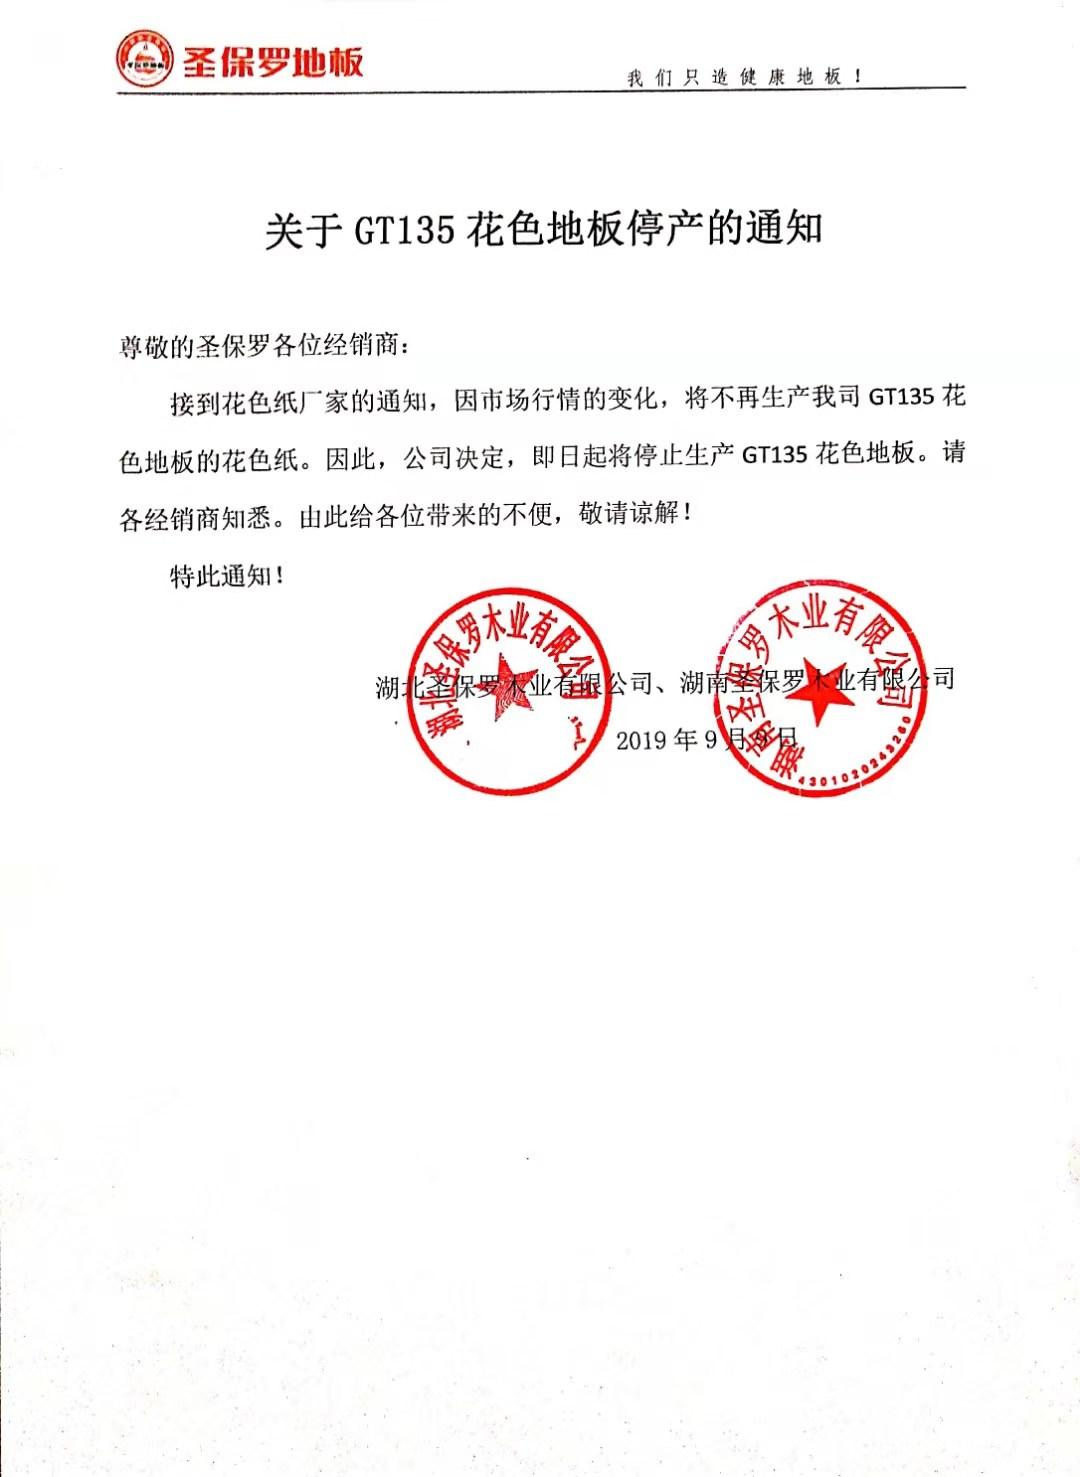 关于GT135花色新万博manbetx官网登录停产的通知